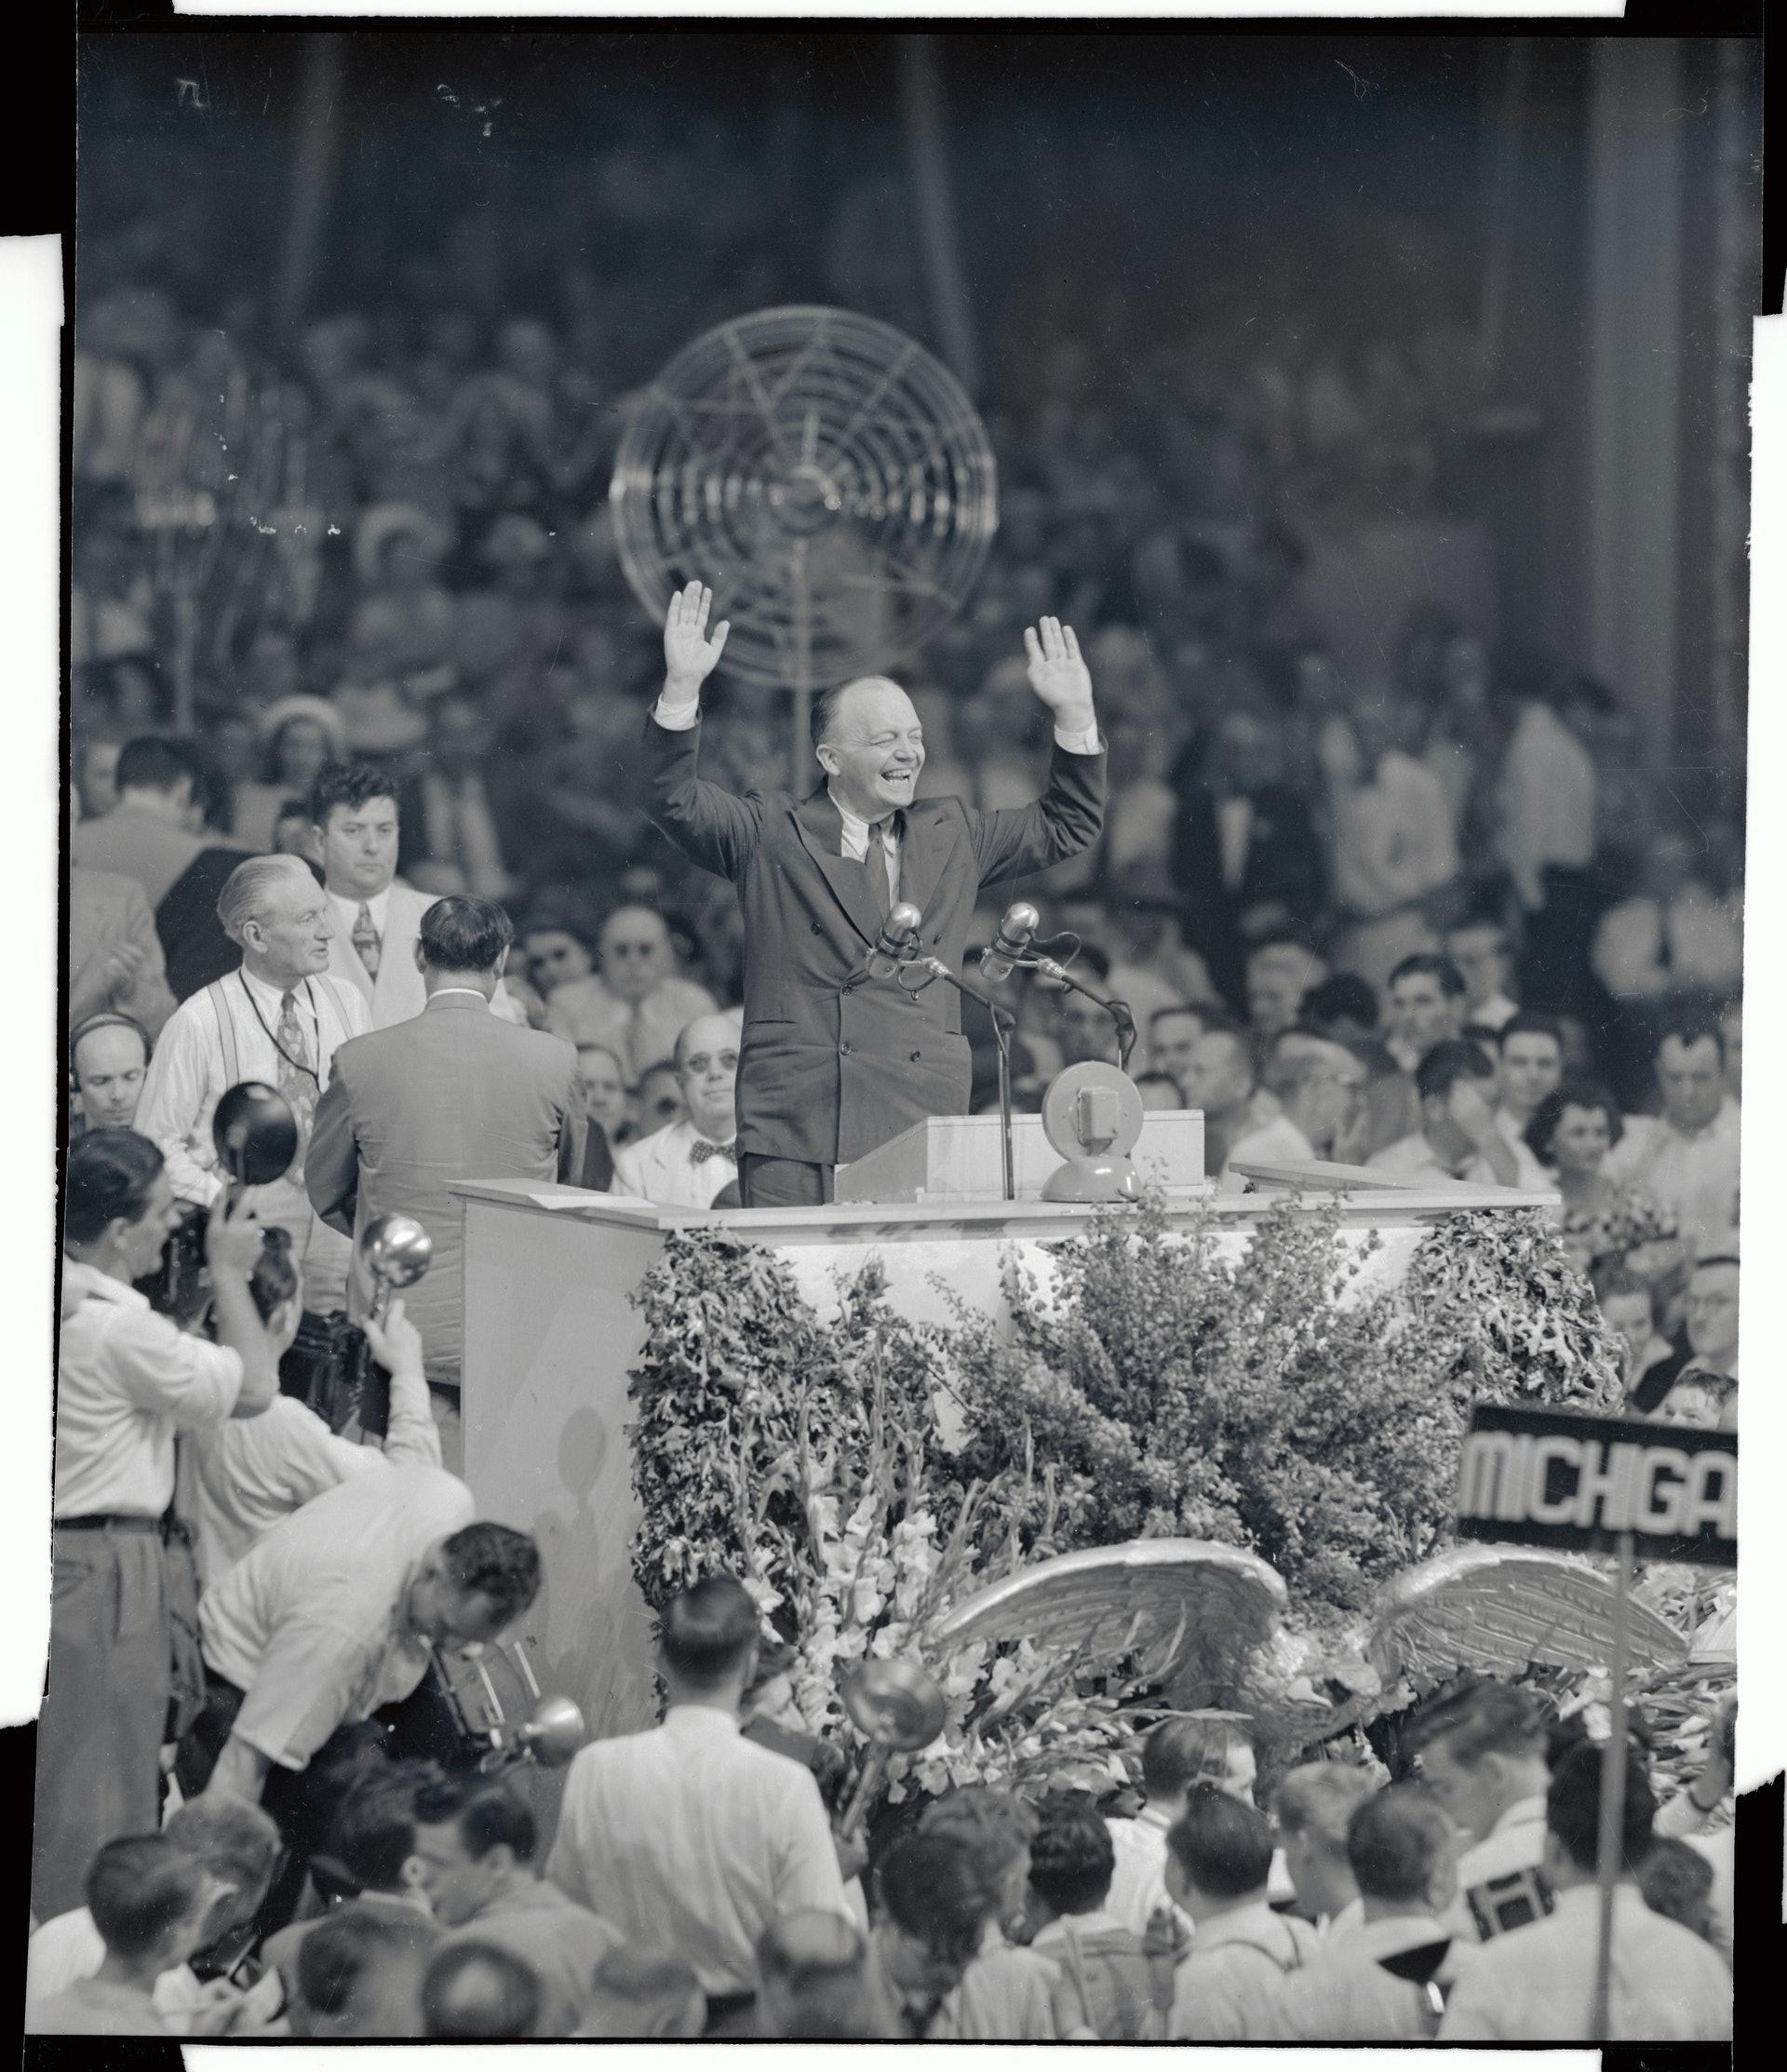 美国总统候选人辩论2:美国明尼苏达州前州长史塔生和纽约州时任州长杜威1948年参与共和党总统初选,二人初选期间举行一场有关美国共产主义的单一议题辩论。 图为1948年6月史塔生站在共和党全国代表大会的主席台,宣布退出初选,并呼吁支持杜威。 (Getty)